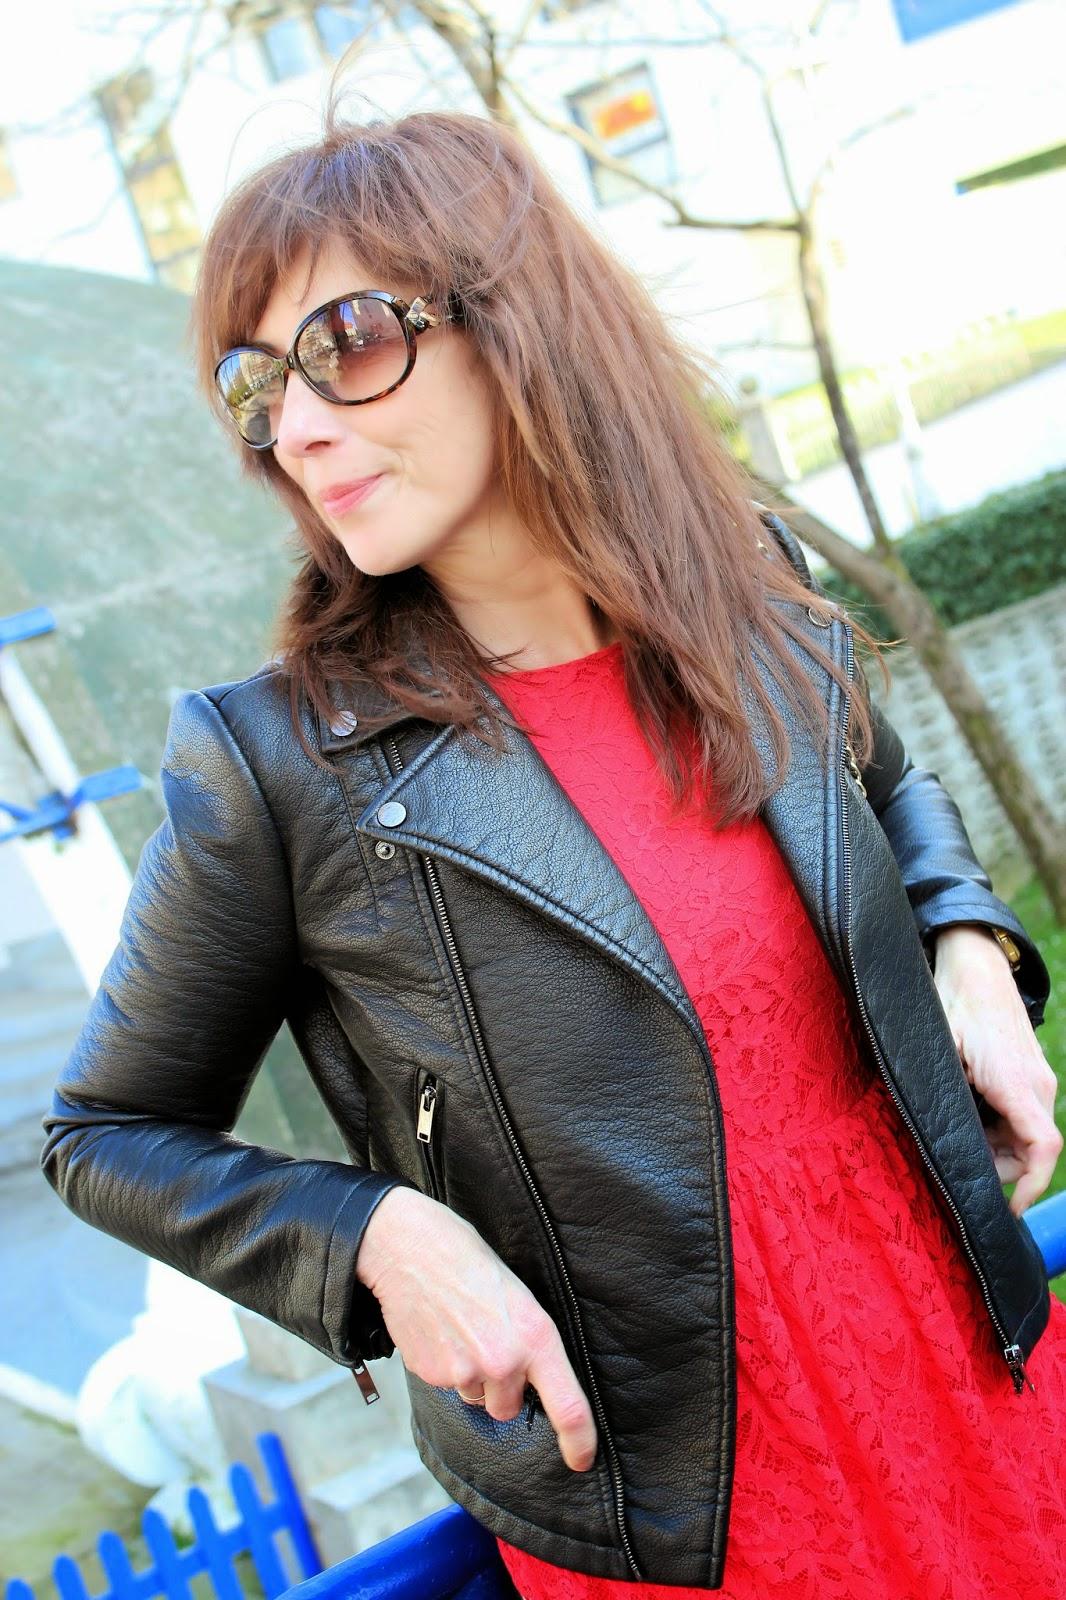 Br jula de estilo mis looks vestido encaje - Brujula de estilo ...